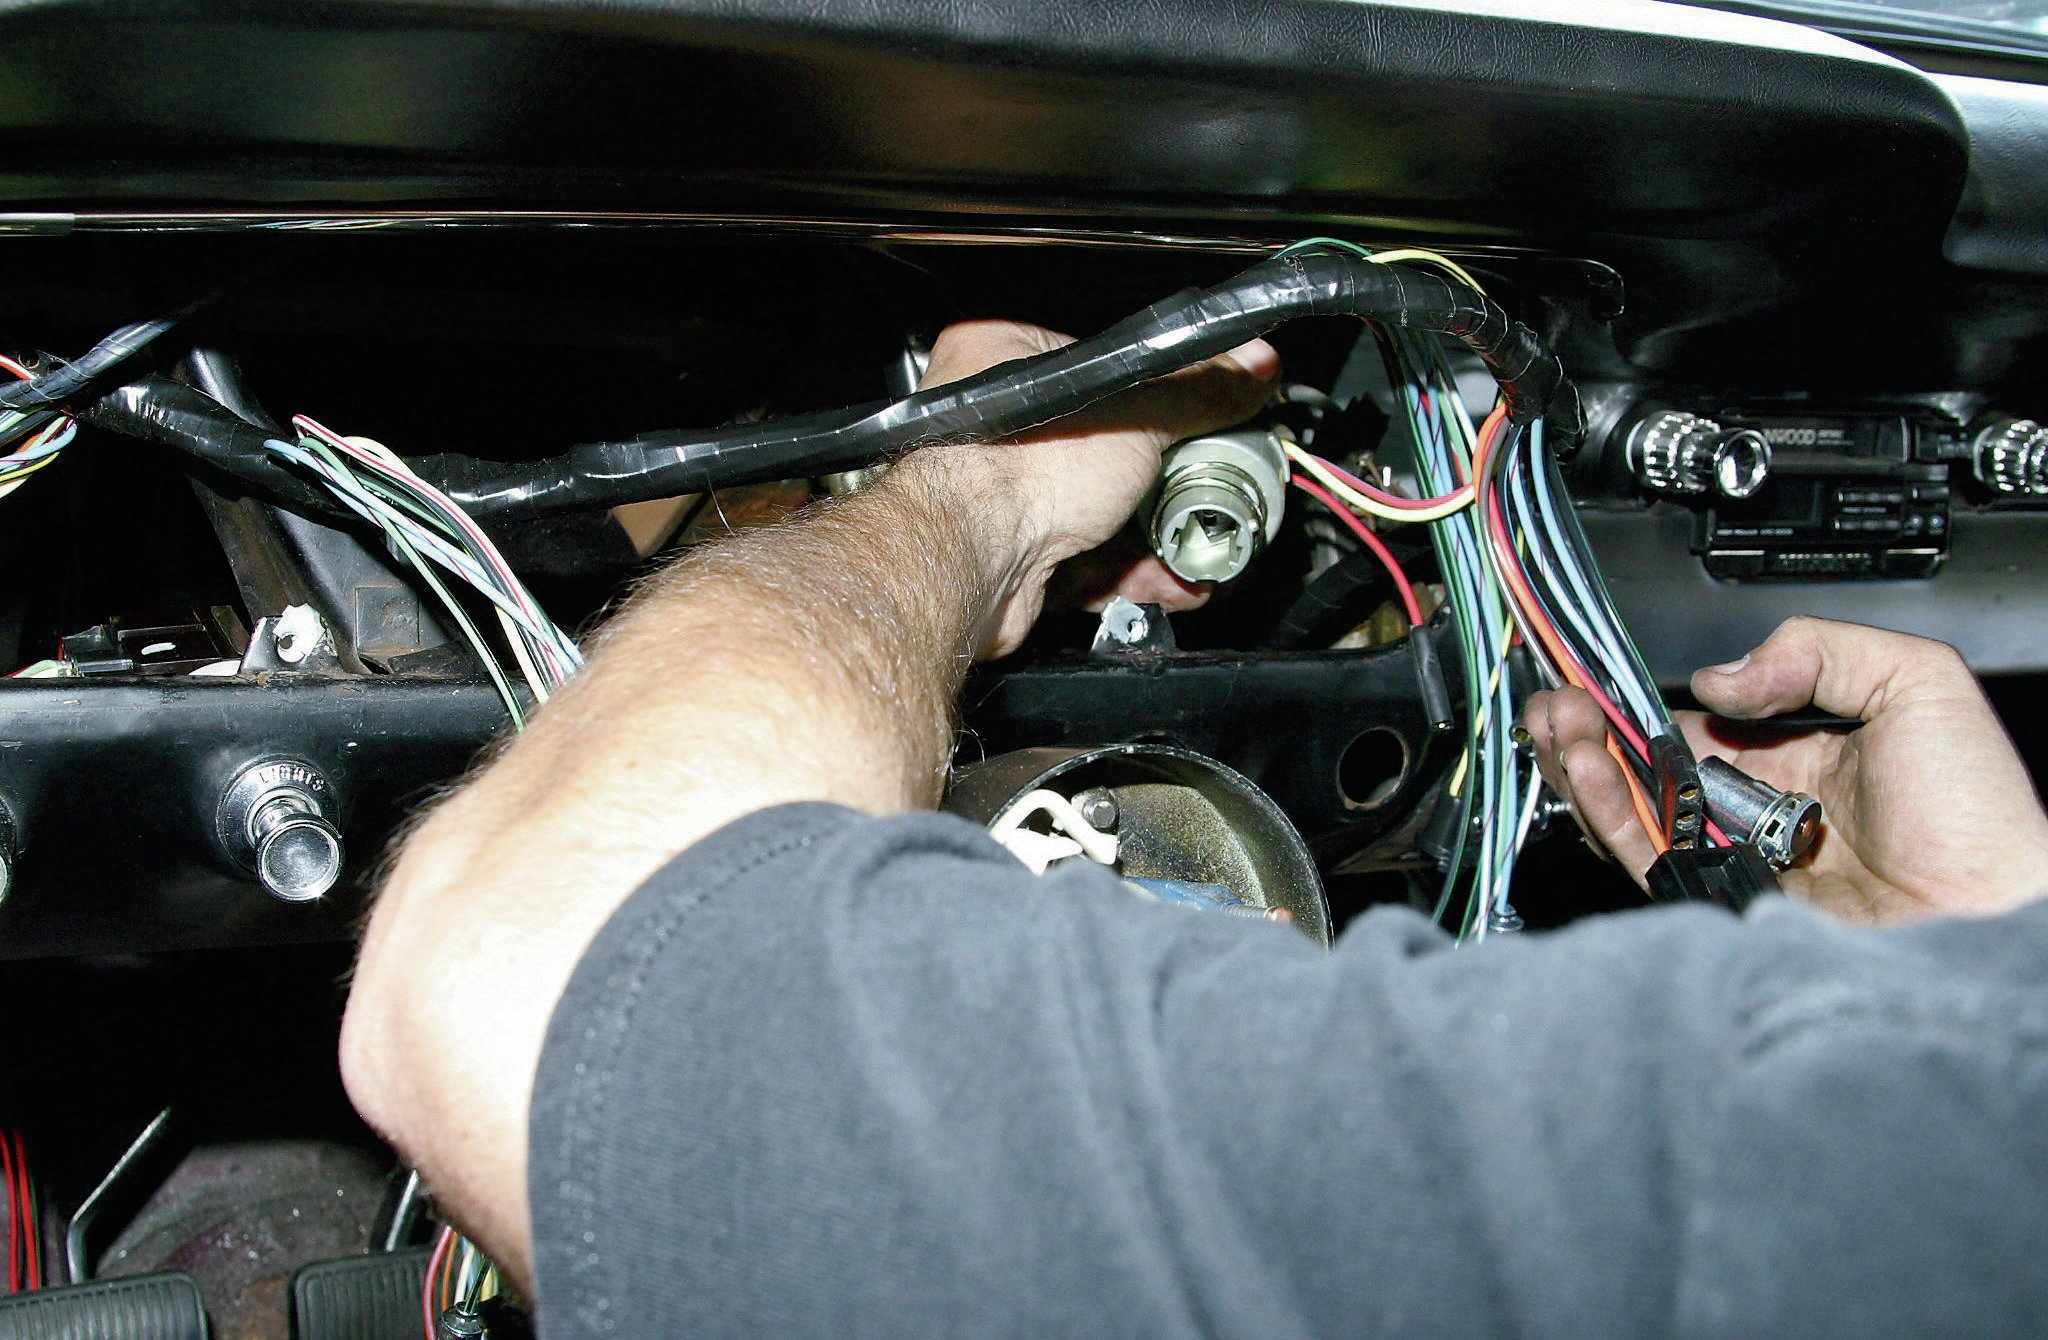 66 mustang wiring harness aftermarket wiring diagram mega [ 2048 x 1340 Pixel ]